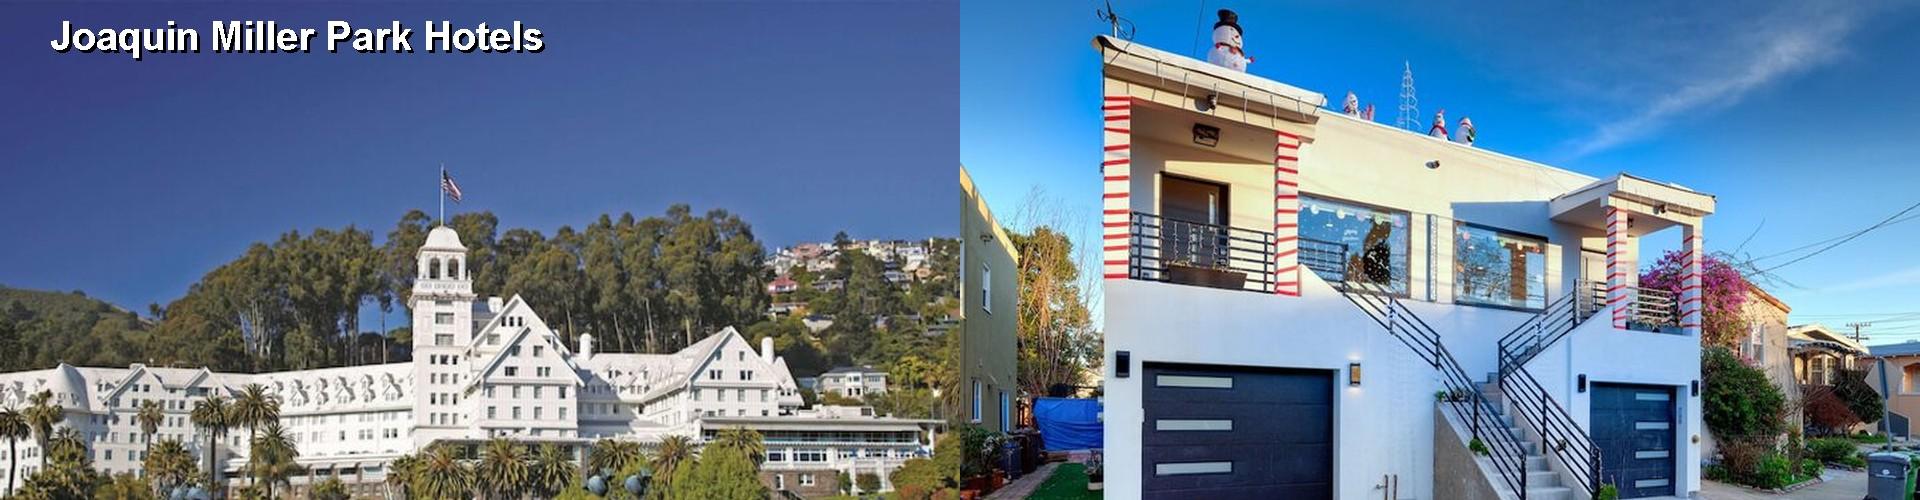 5 Best Hotels Near Joaquin Miller Park